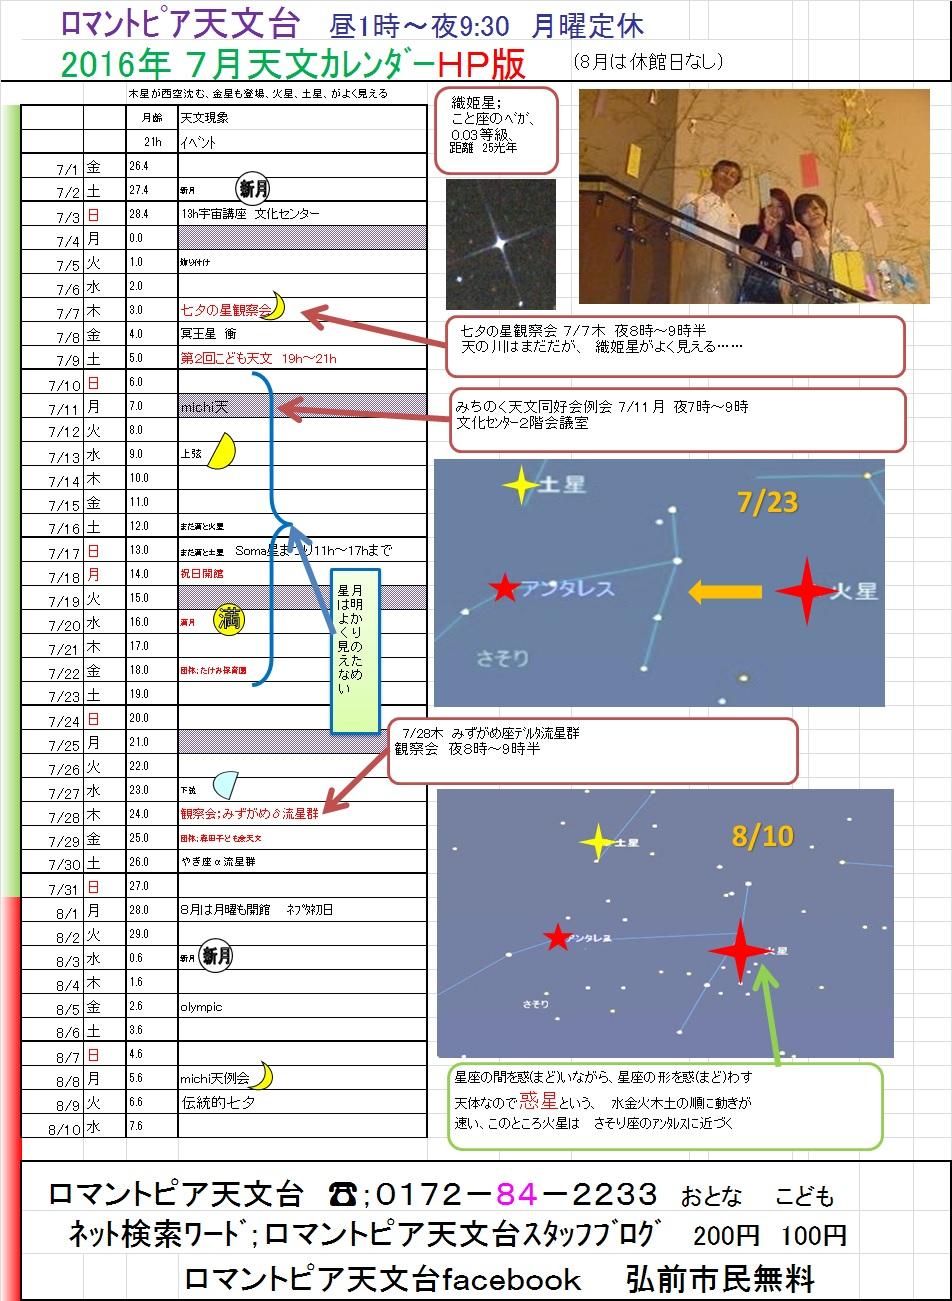 星と森のロマントピア 天文台「銀河」天文カレンダー2016年7月